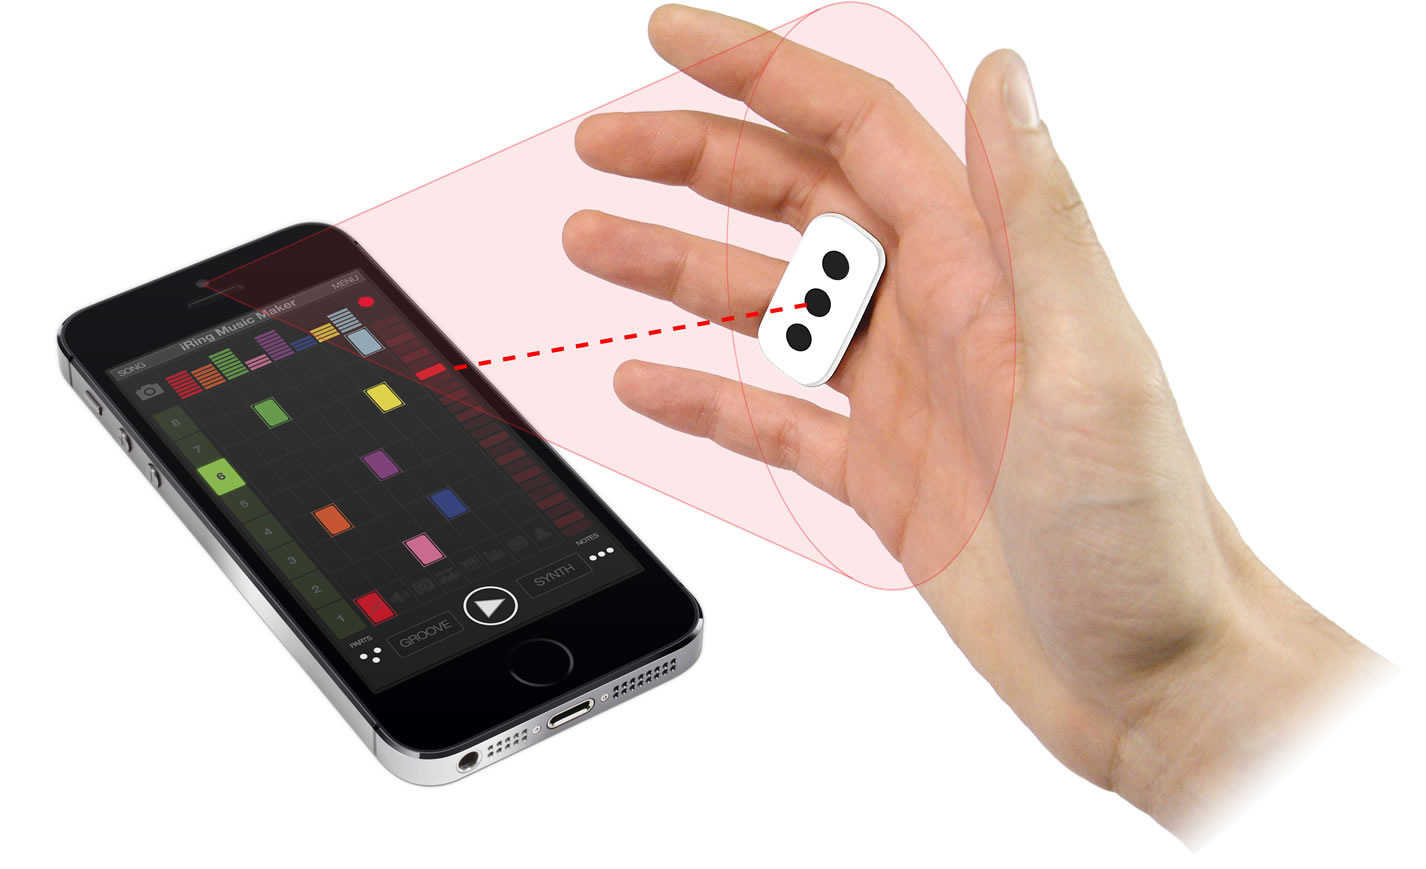 iPhone sería controlado por gestos en el futuro